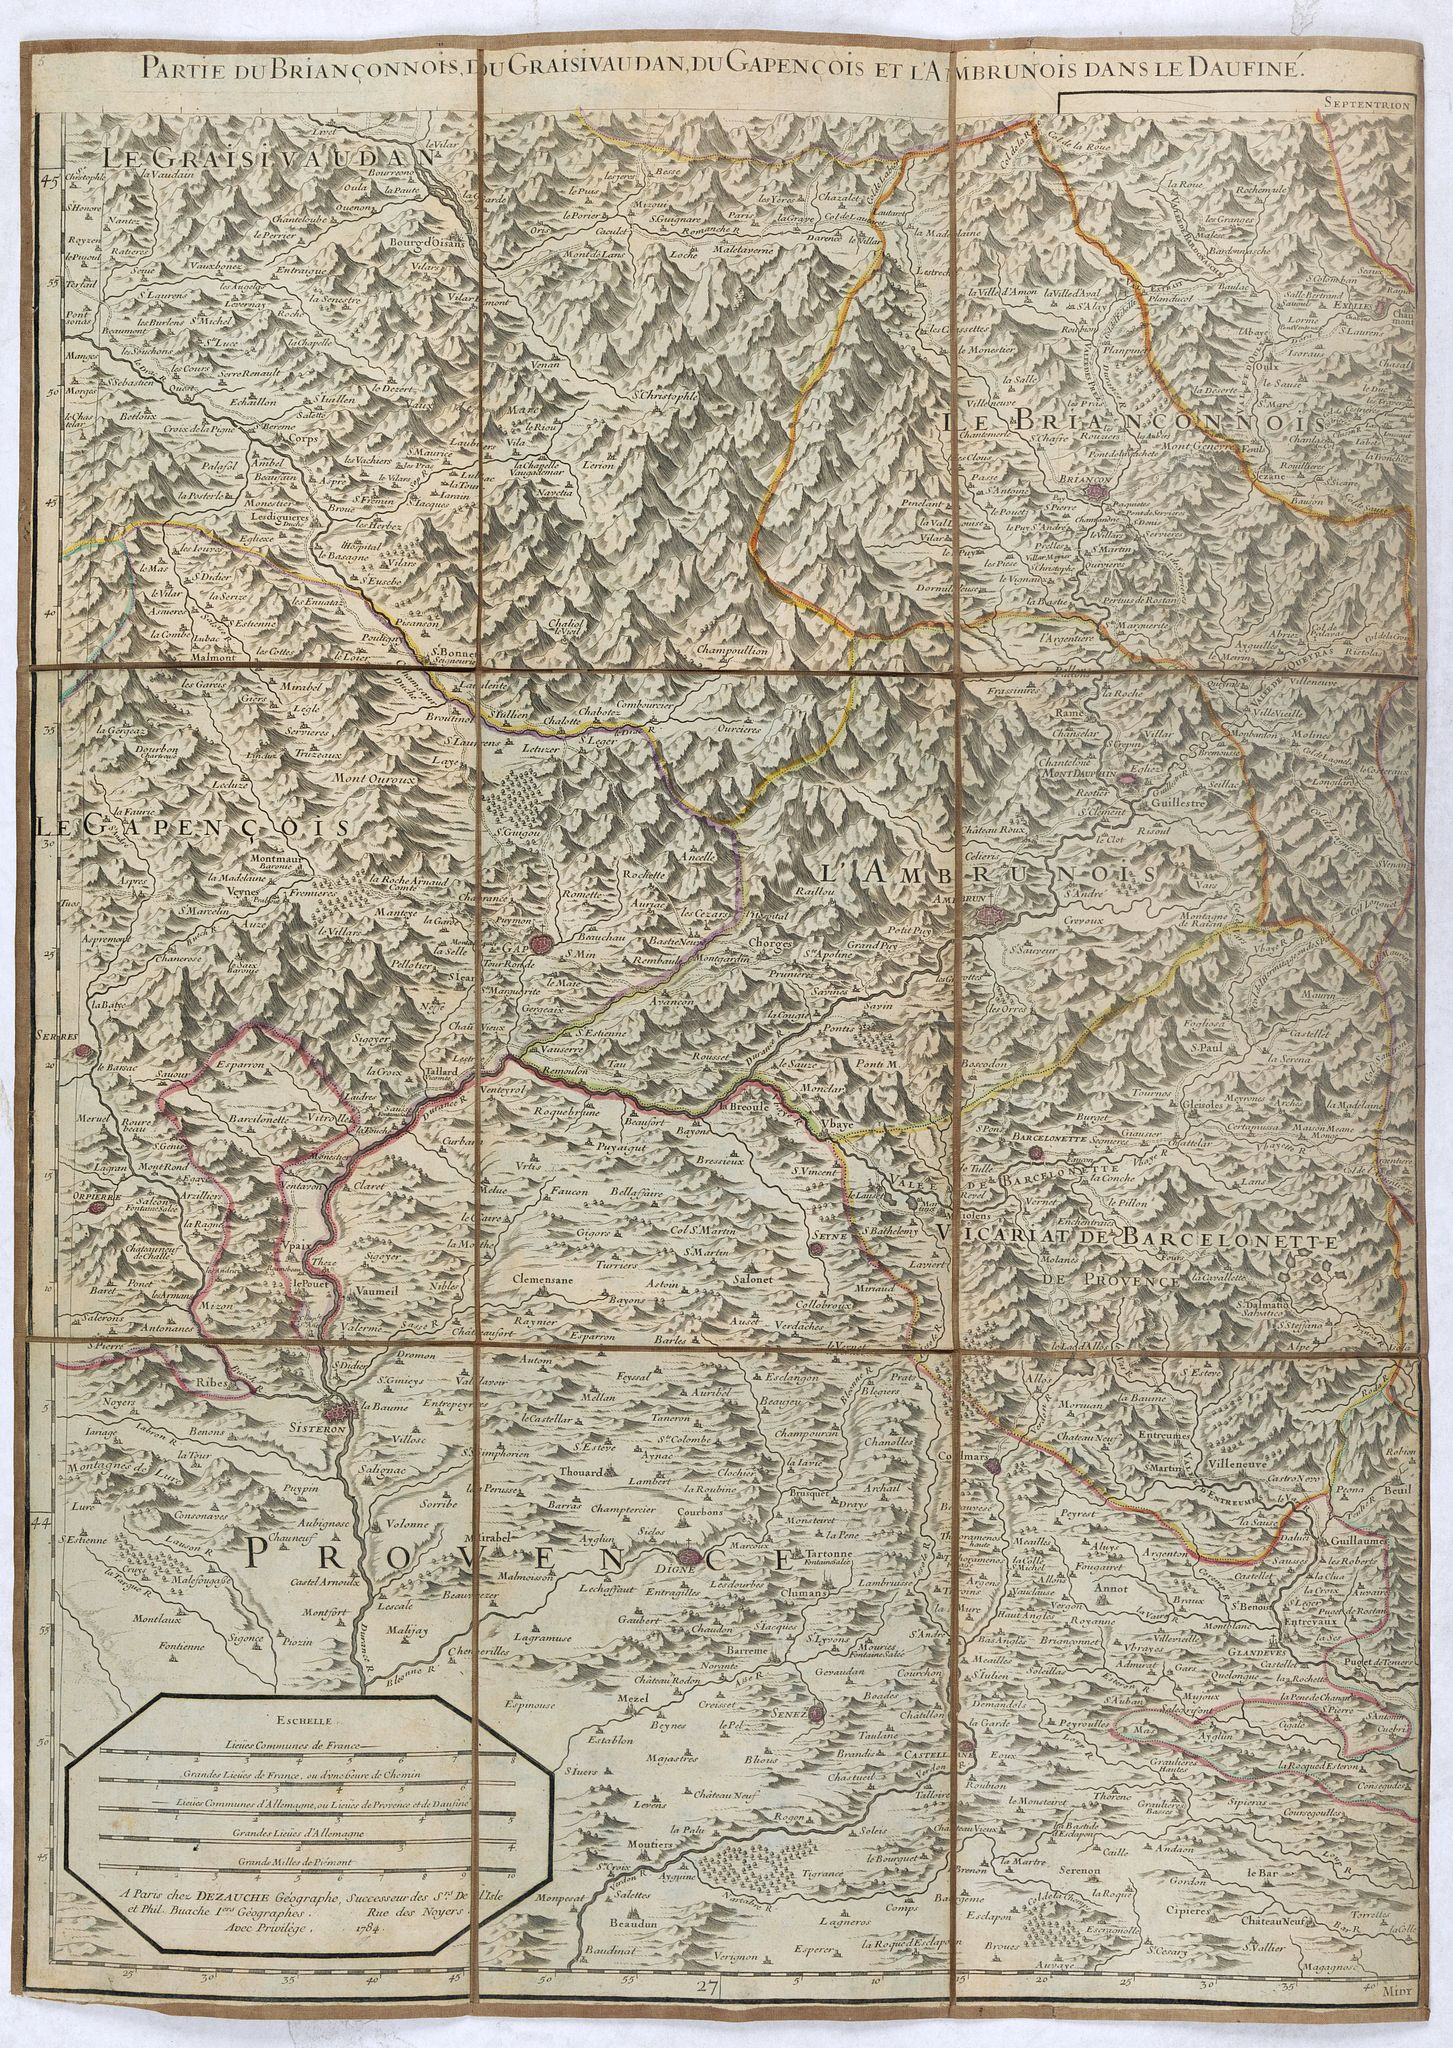 JAILLOT, A-H. / LISLE, G. de / DEZAUCHE -  Partie du Briançonnois, du Graisivaudan, du Gapençois et de l